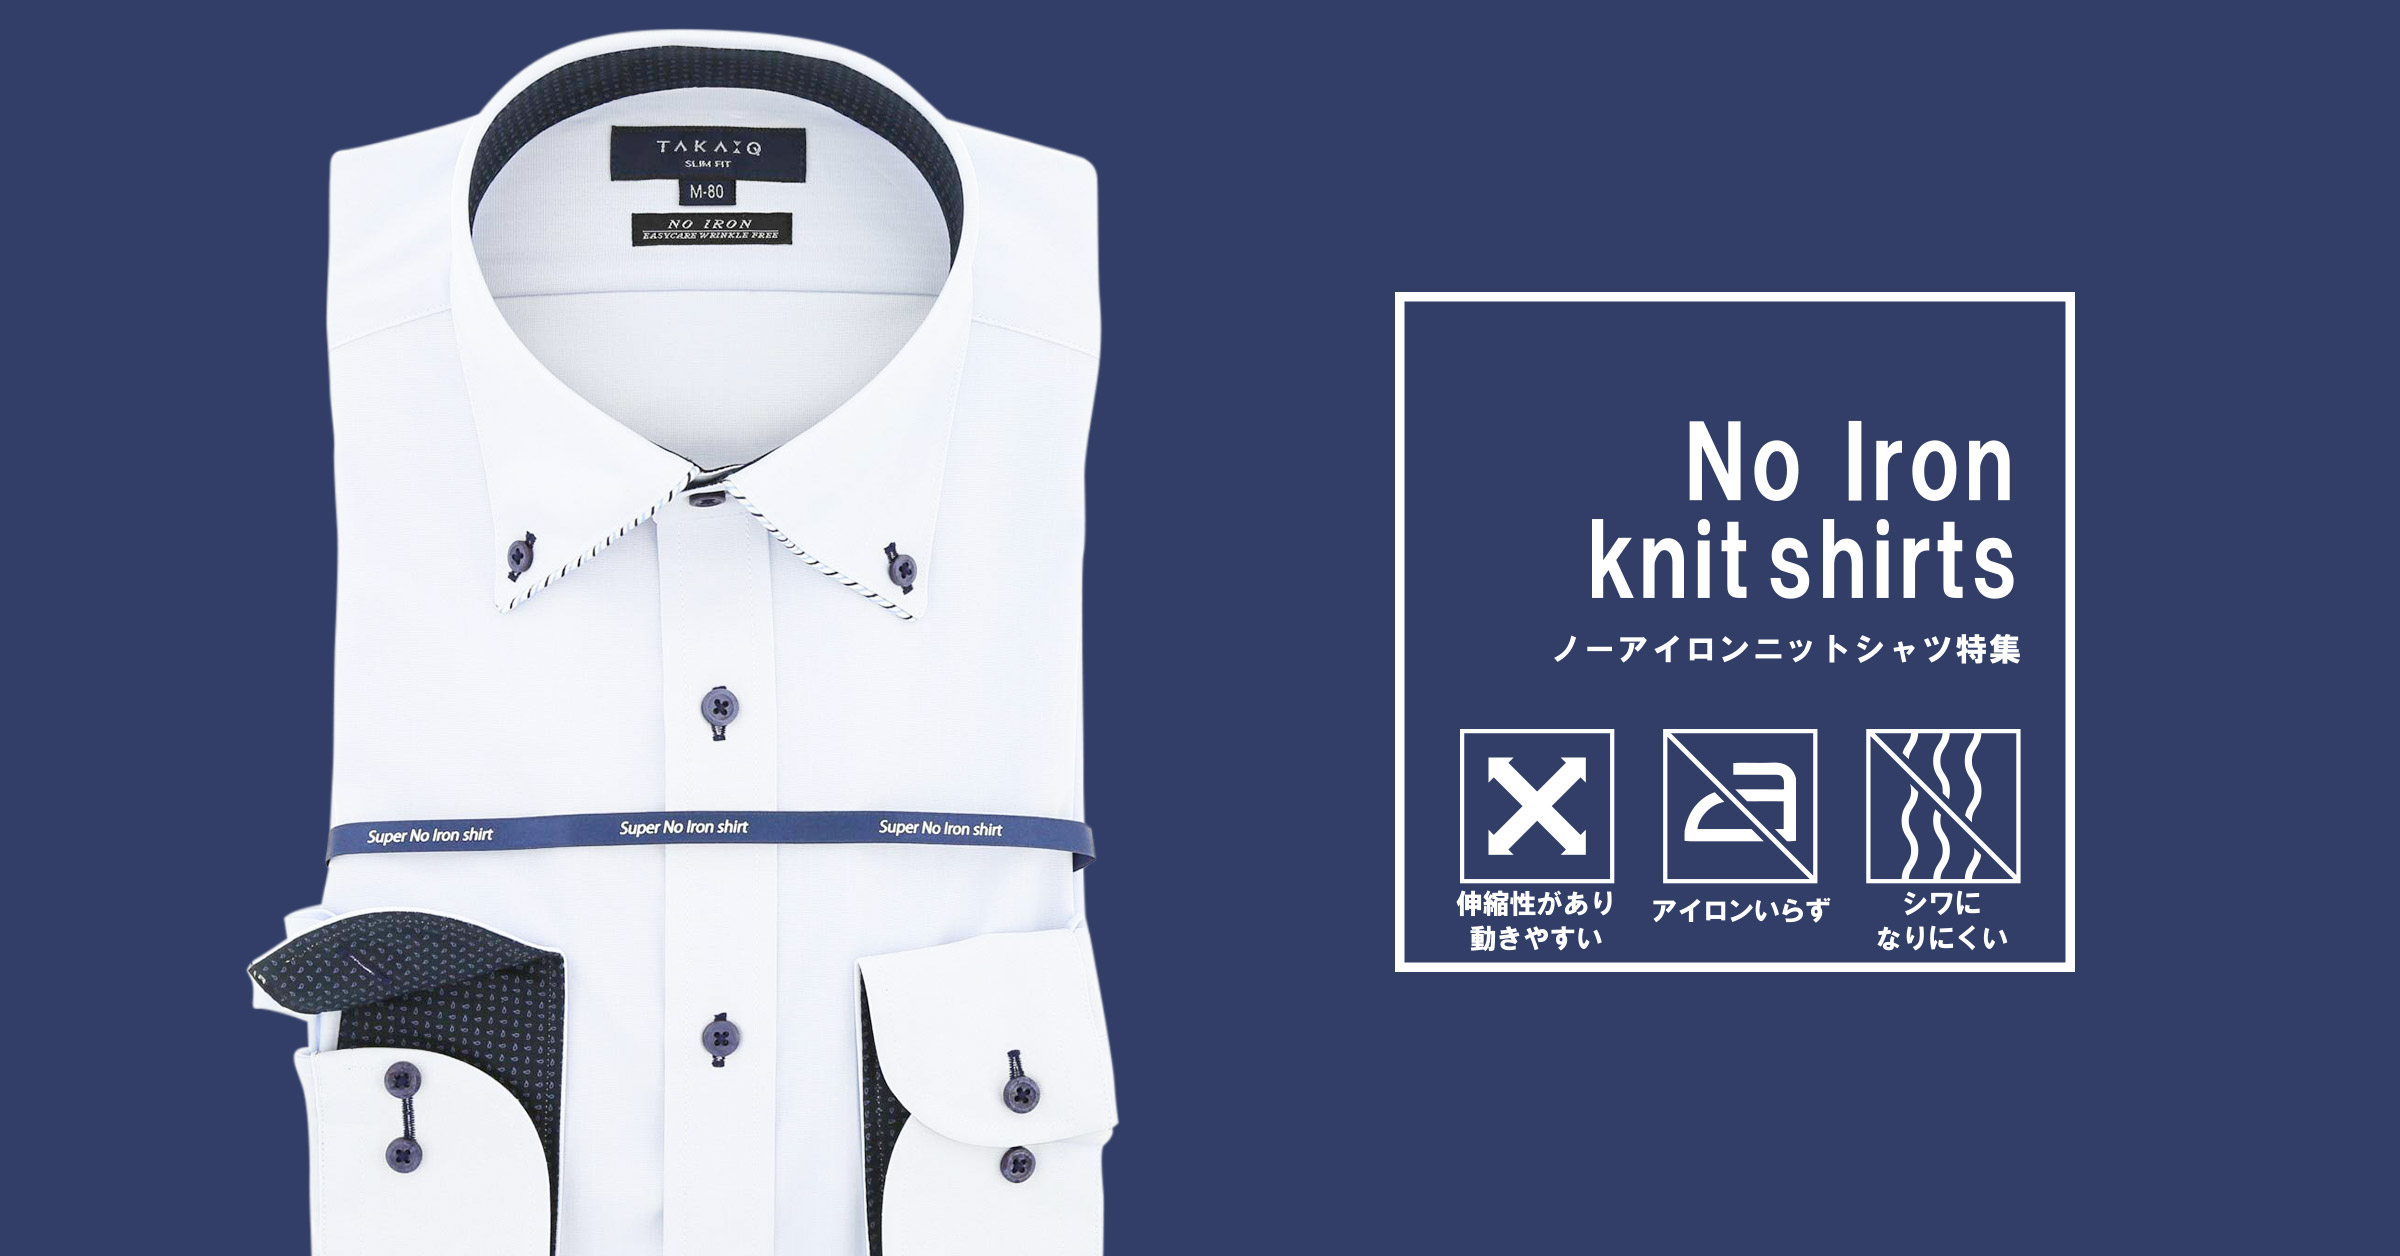 ノーアイロンニットシャツ特集